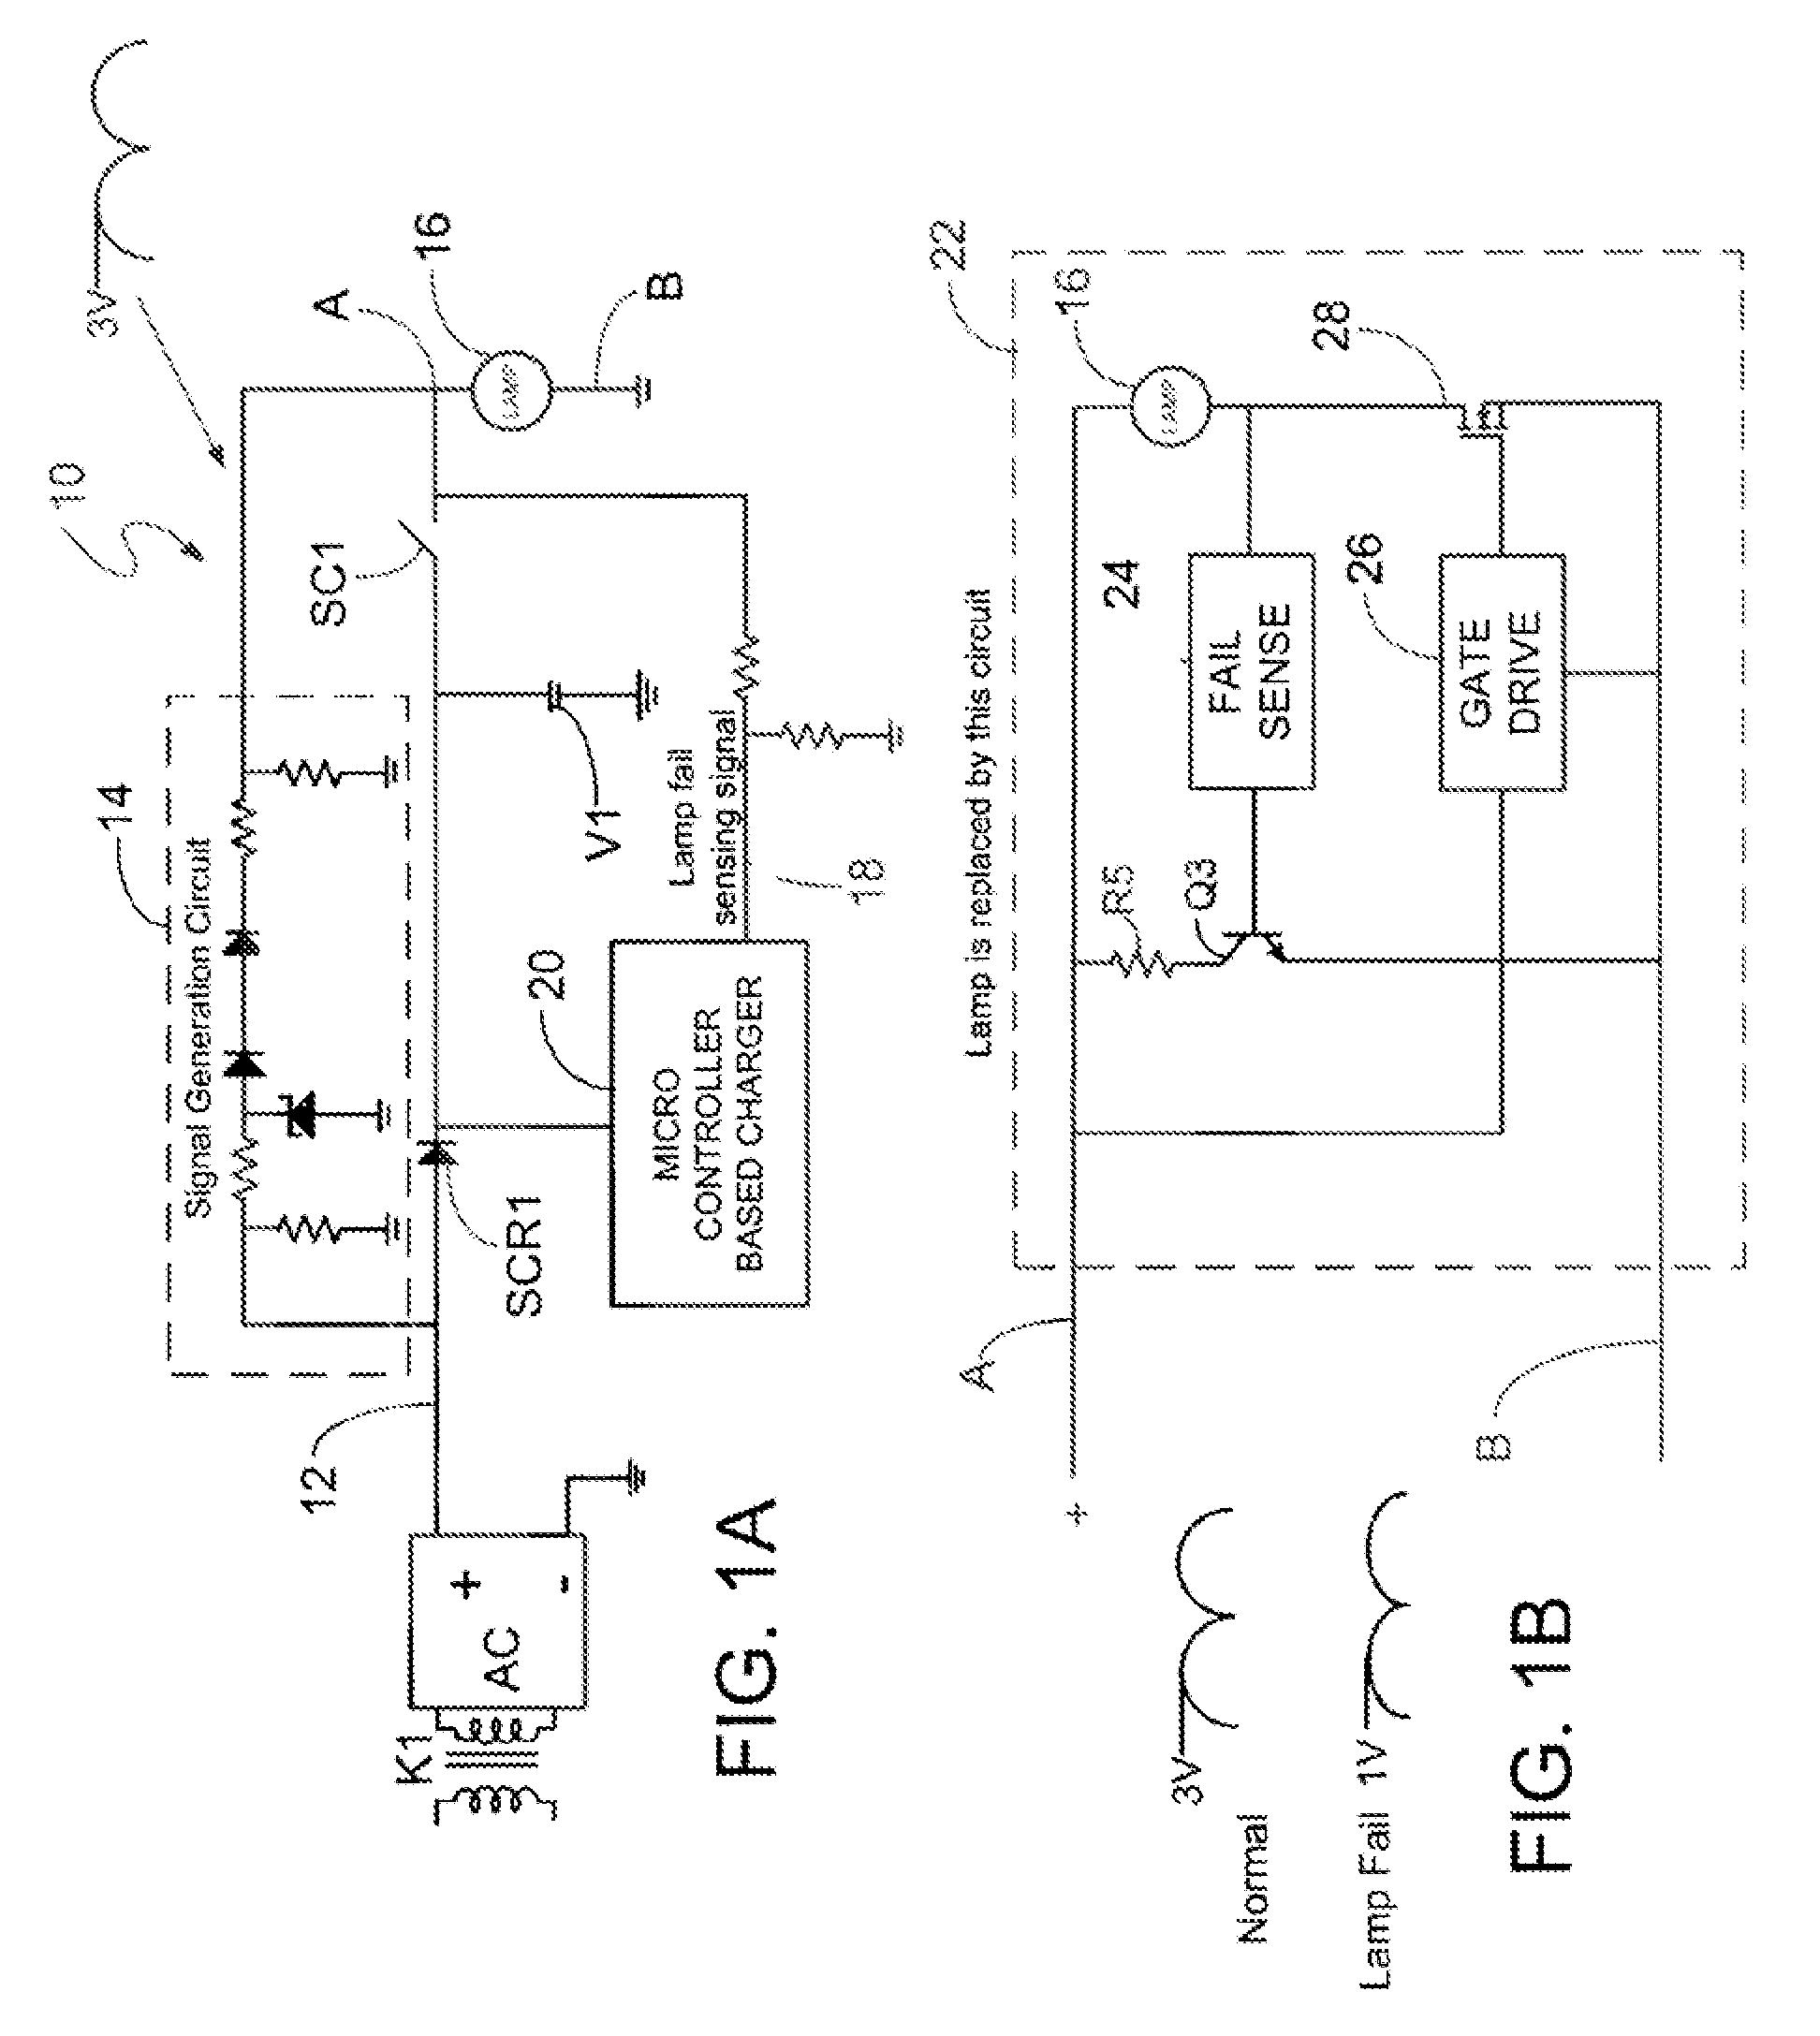 diagram] honda b100 wiring diagram full version hd quality wiring diagram -  activediagram.argiso.it  activediagram.argiso.it